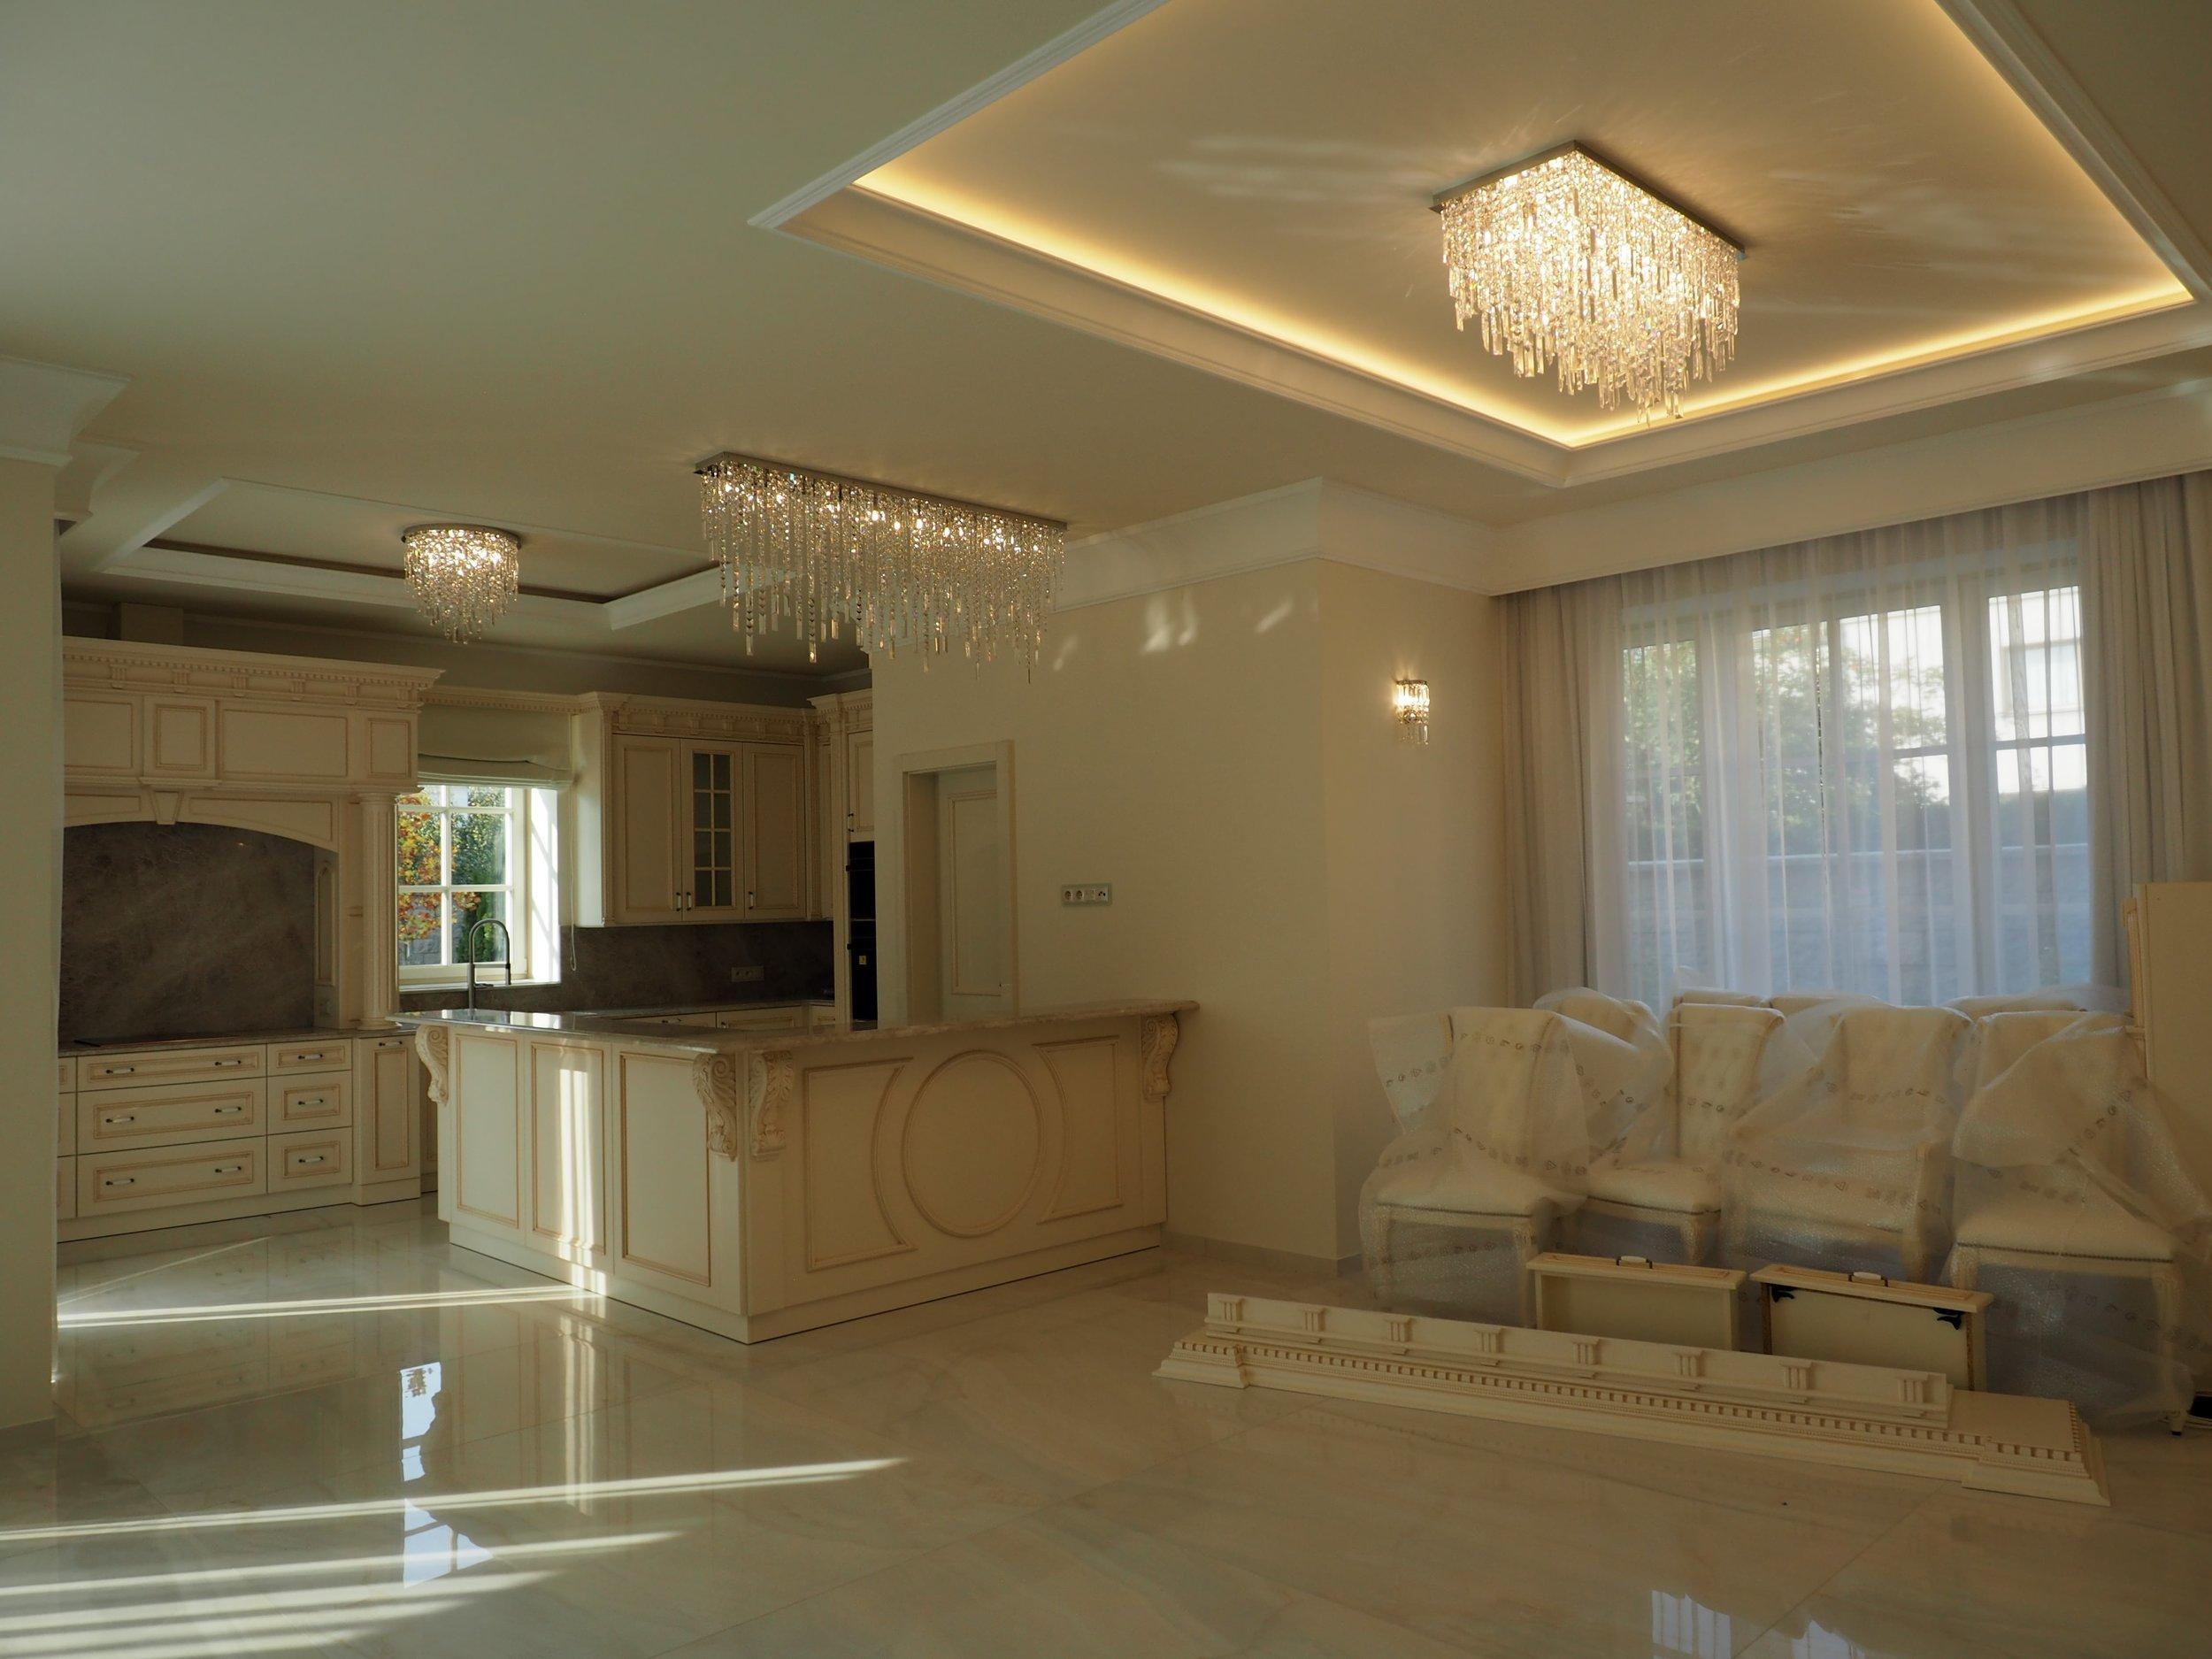 private-villa-prague-wranovsky-crystal-chandeliers-5-min.JPG